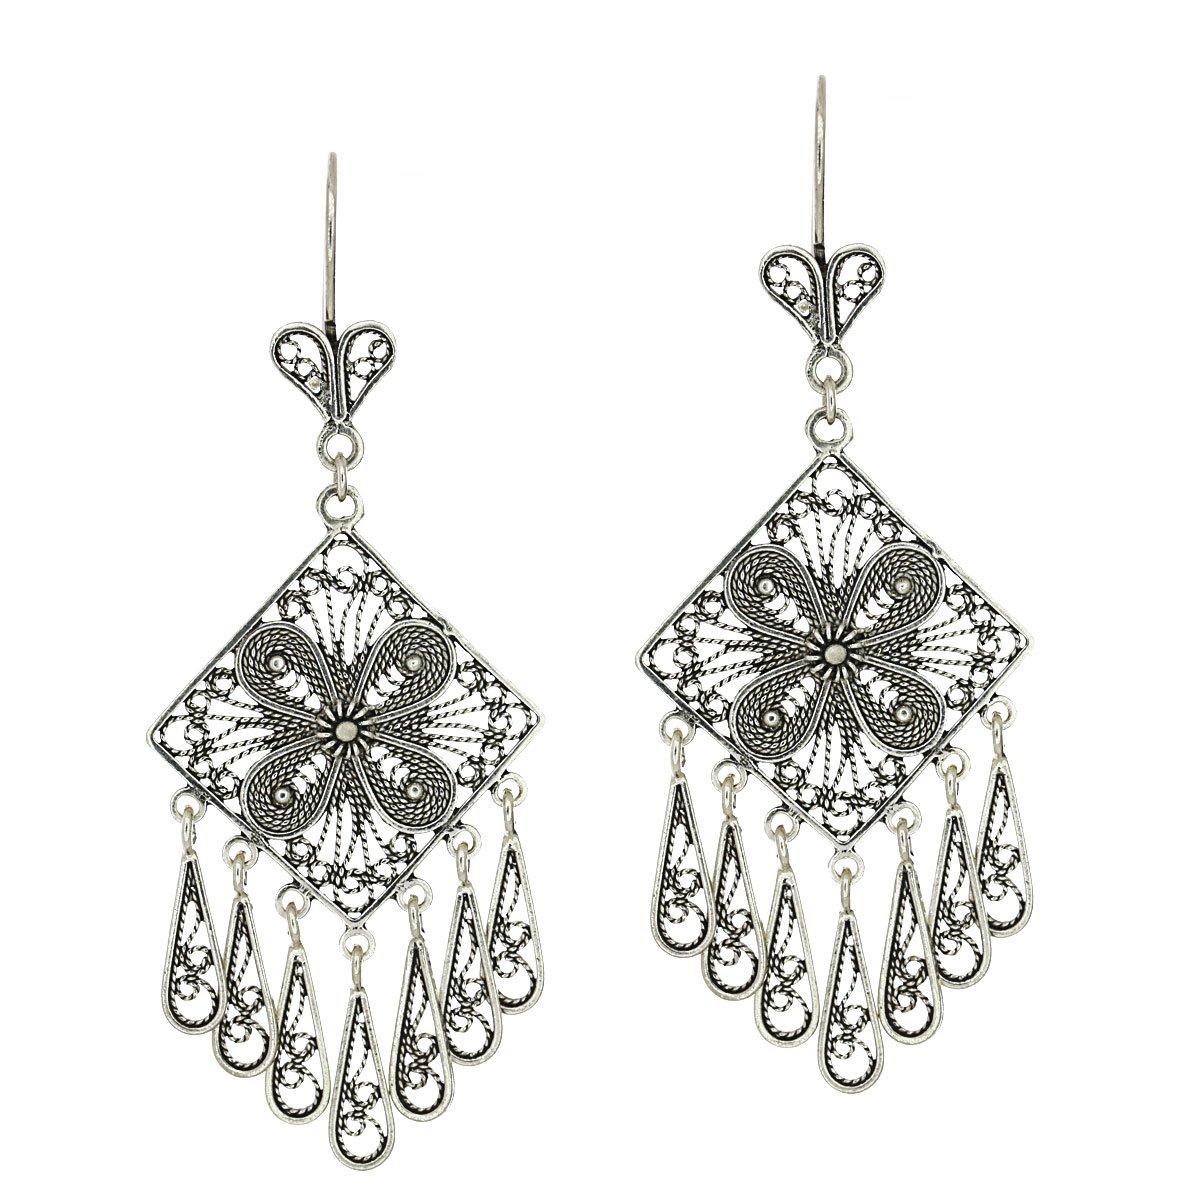 925 Sterling Silver Artisan Filigree Tassel Chandelier Earrings